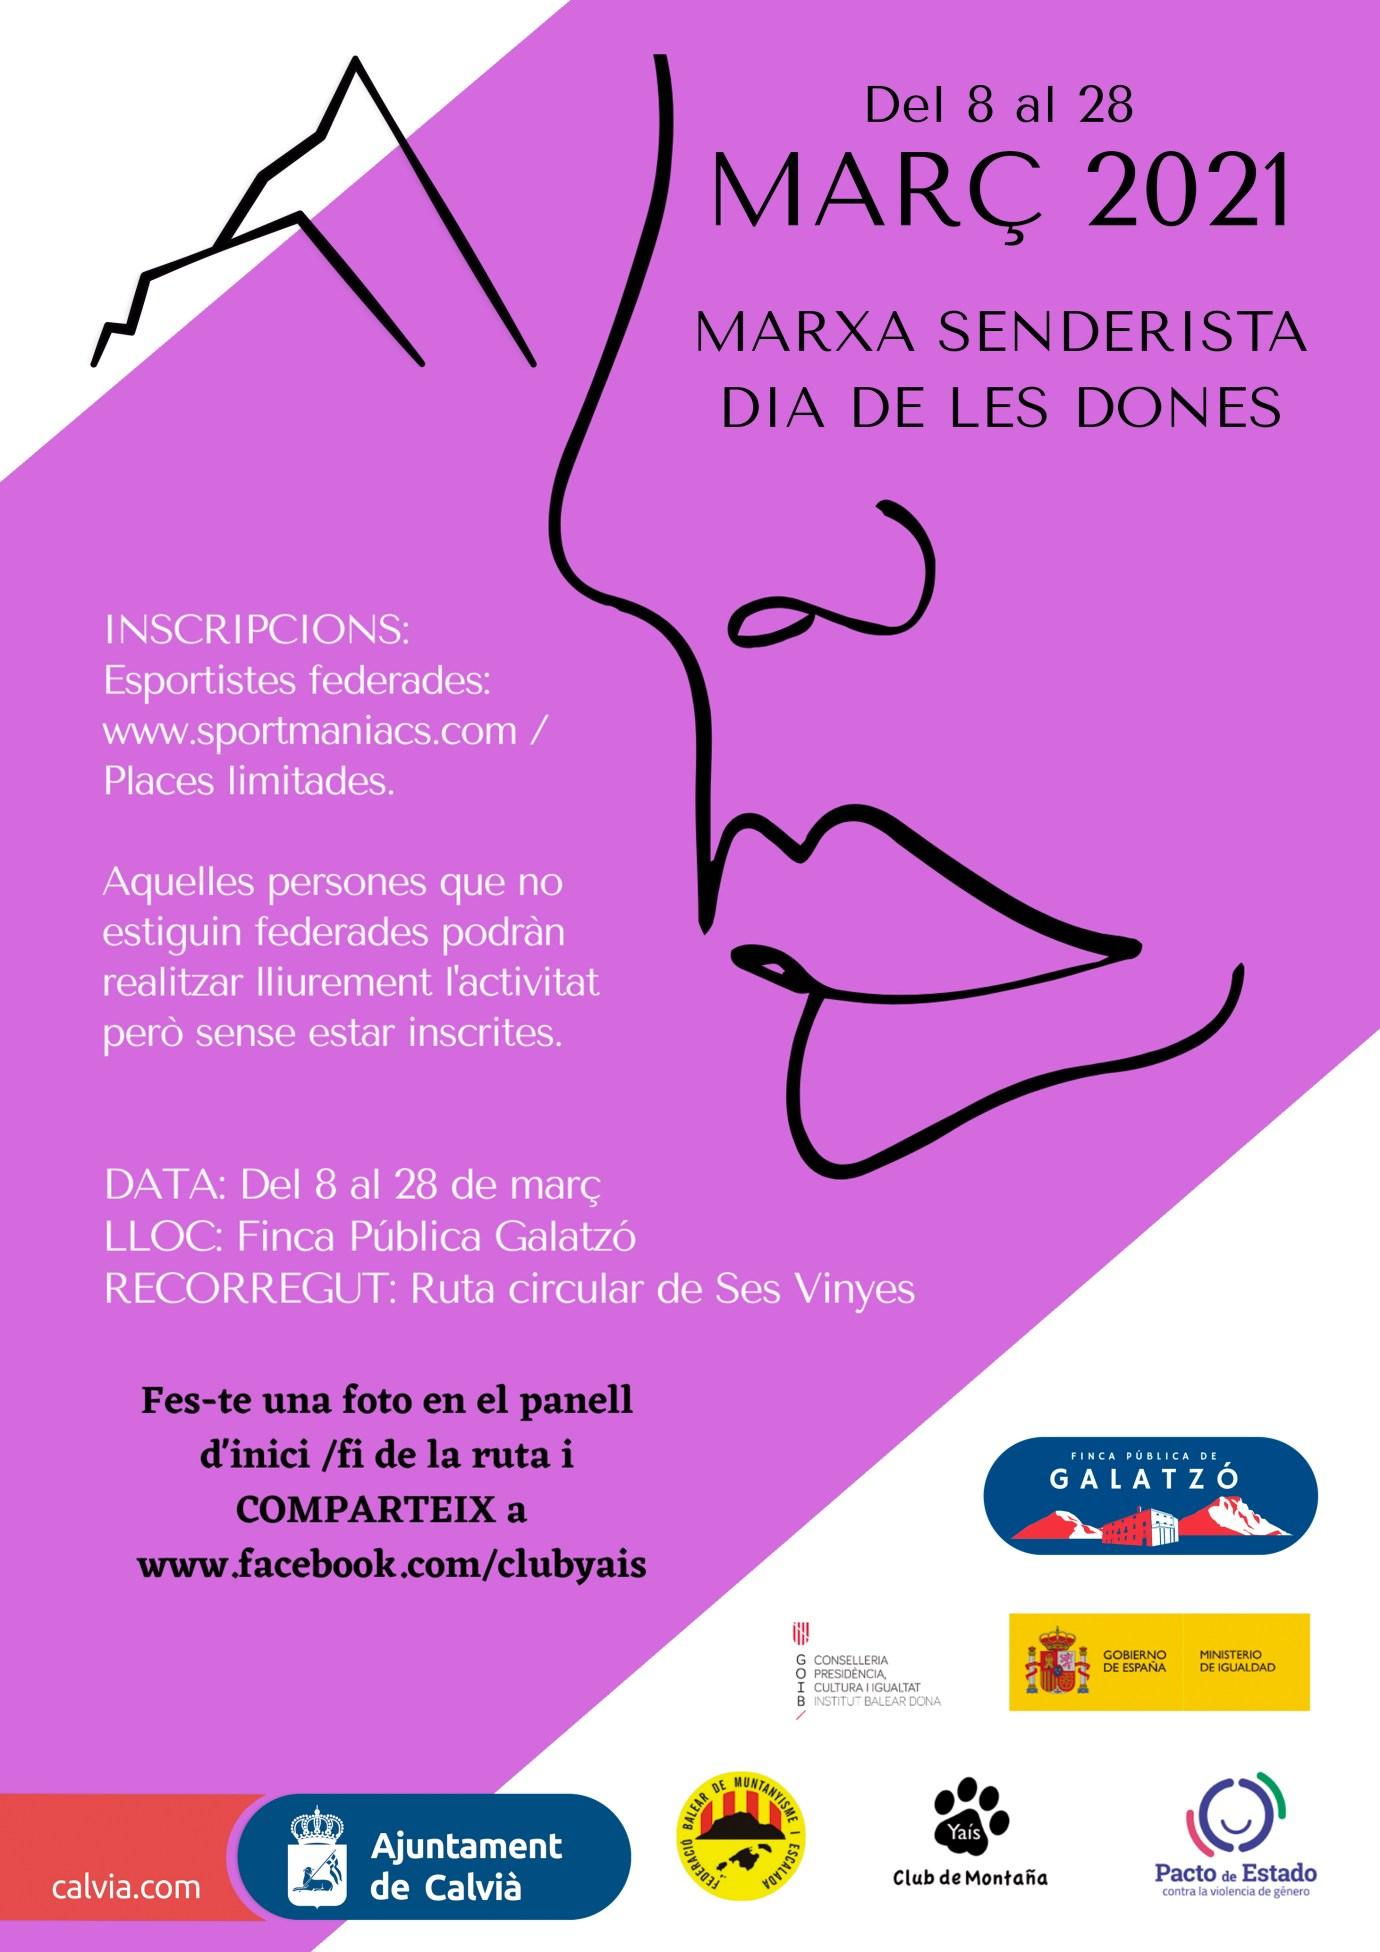 MARXA SENDERISTA DIA DE LES DONES